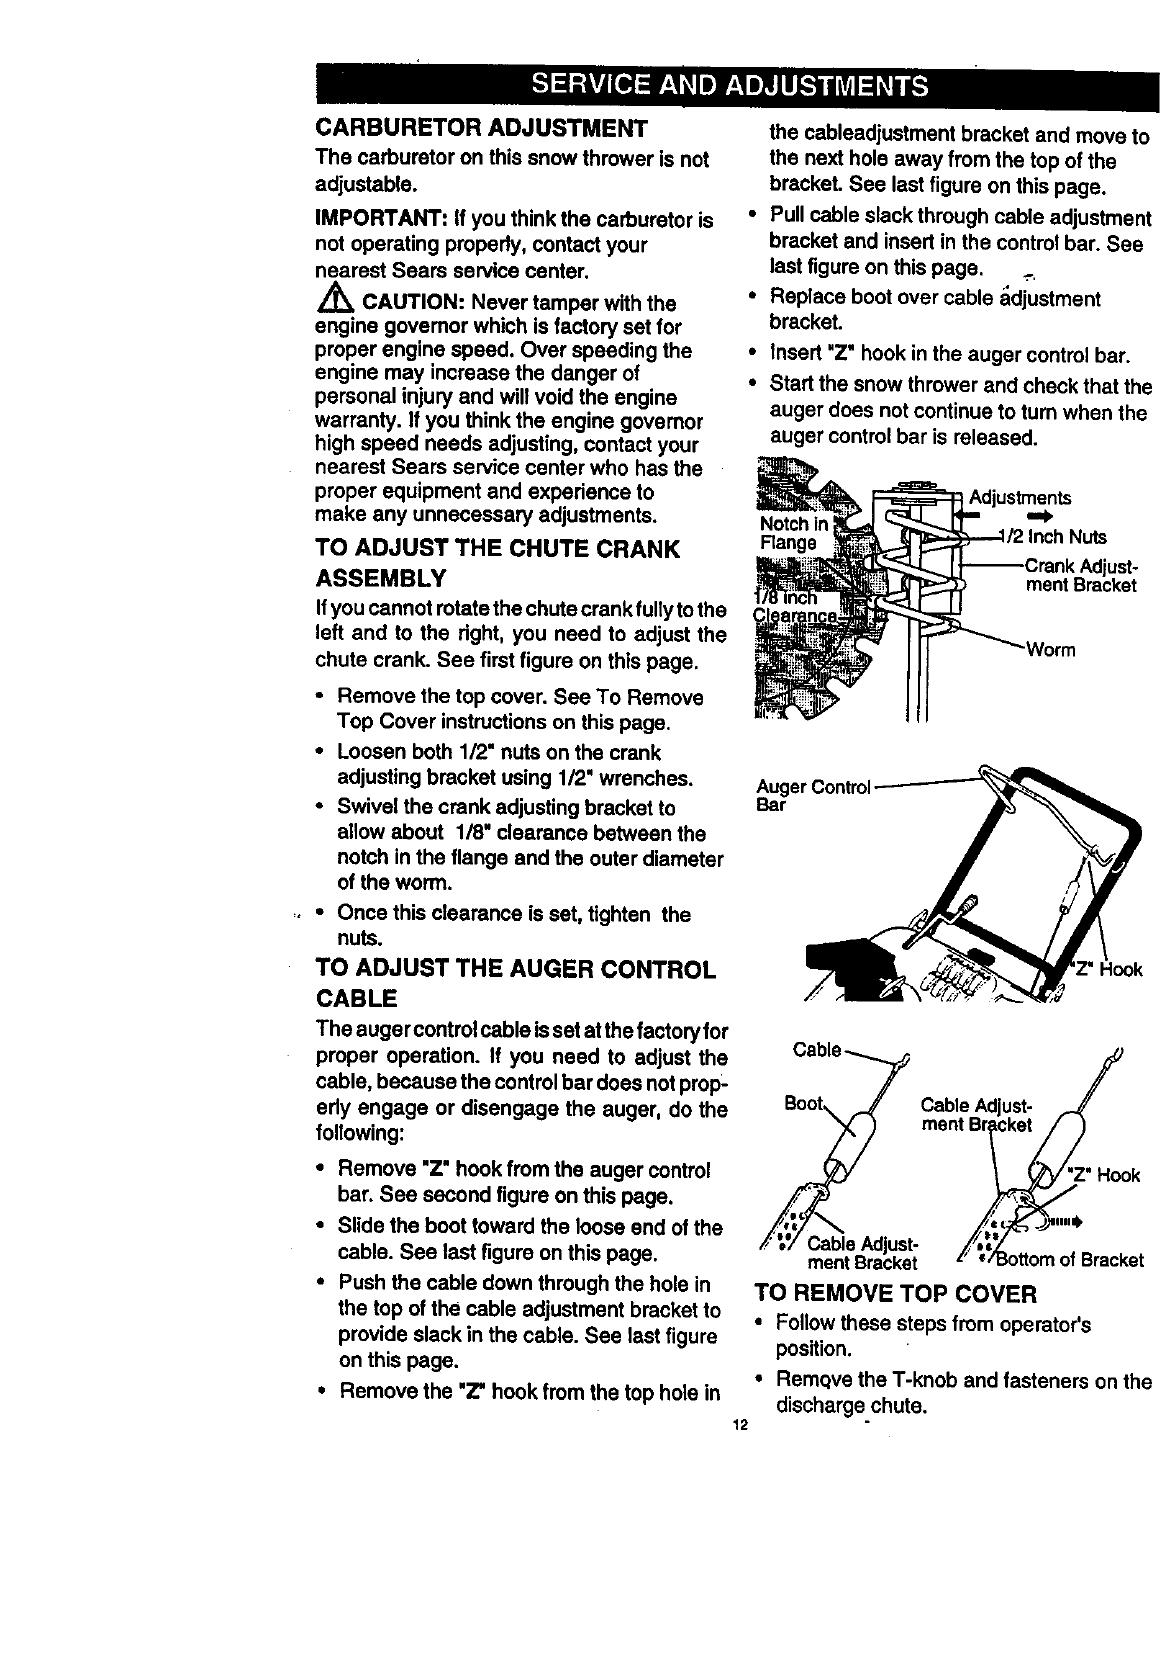 Craftsman 536884582 User Manual 3.0 HP ELECTRIC START SNOW